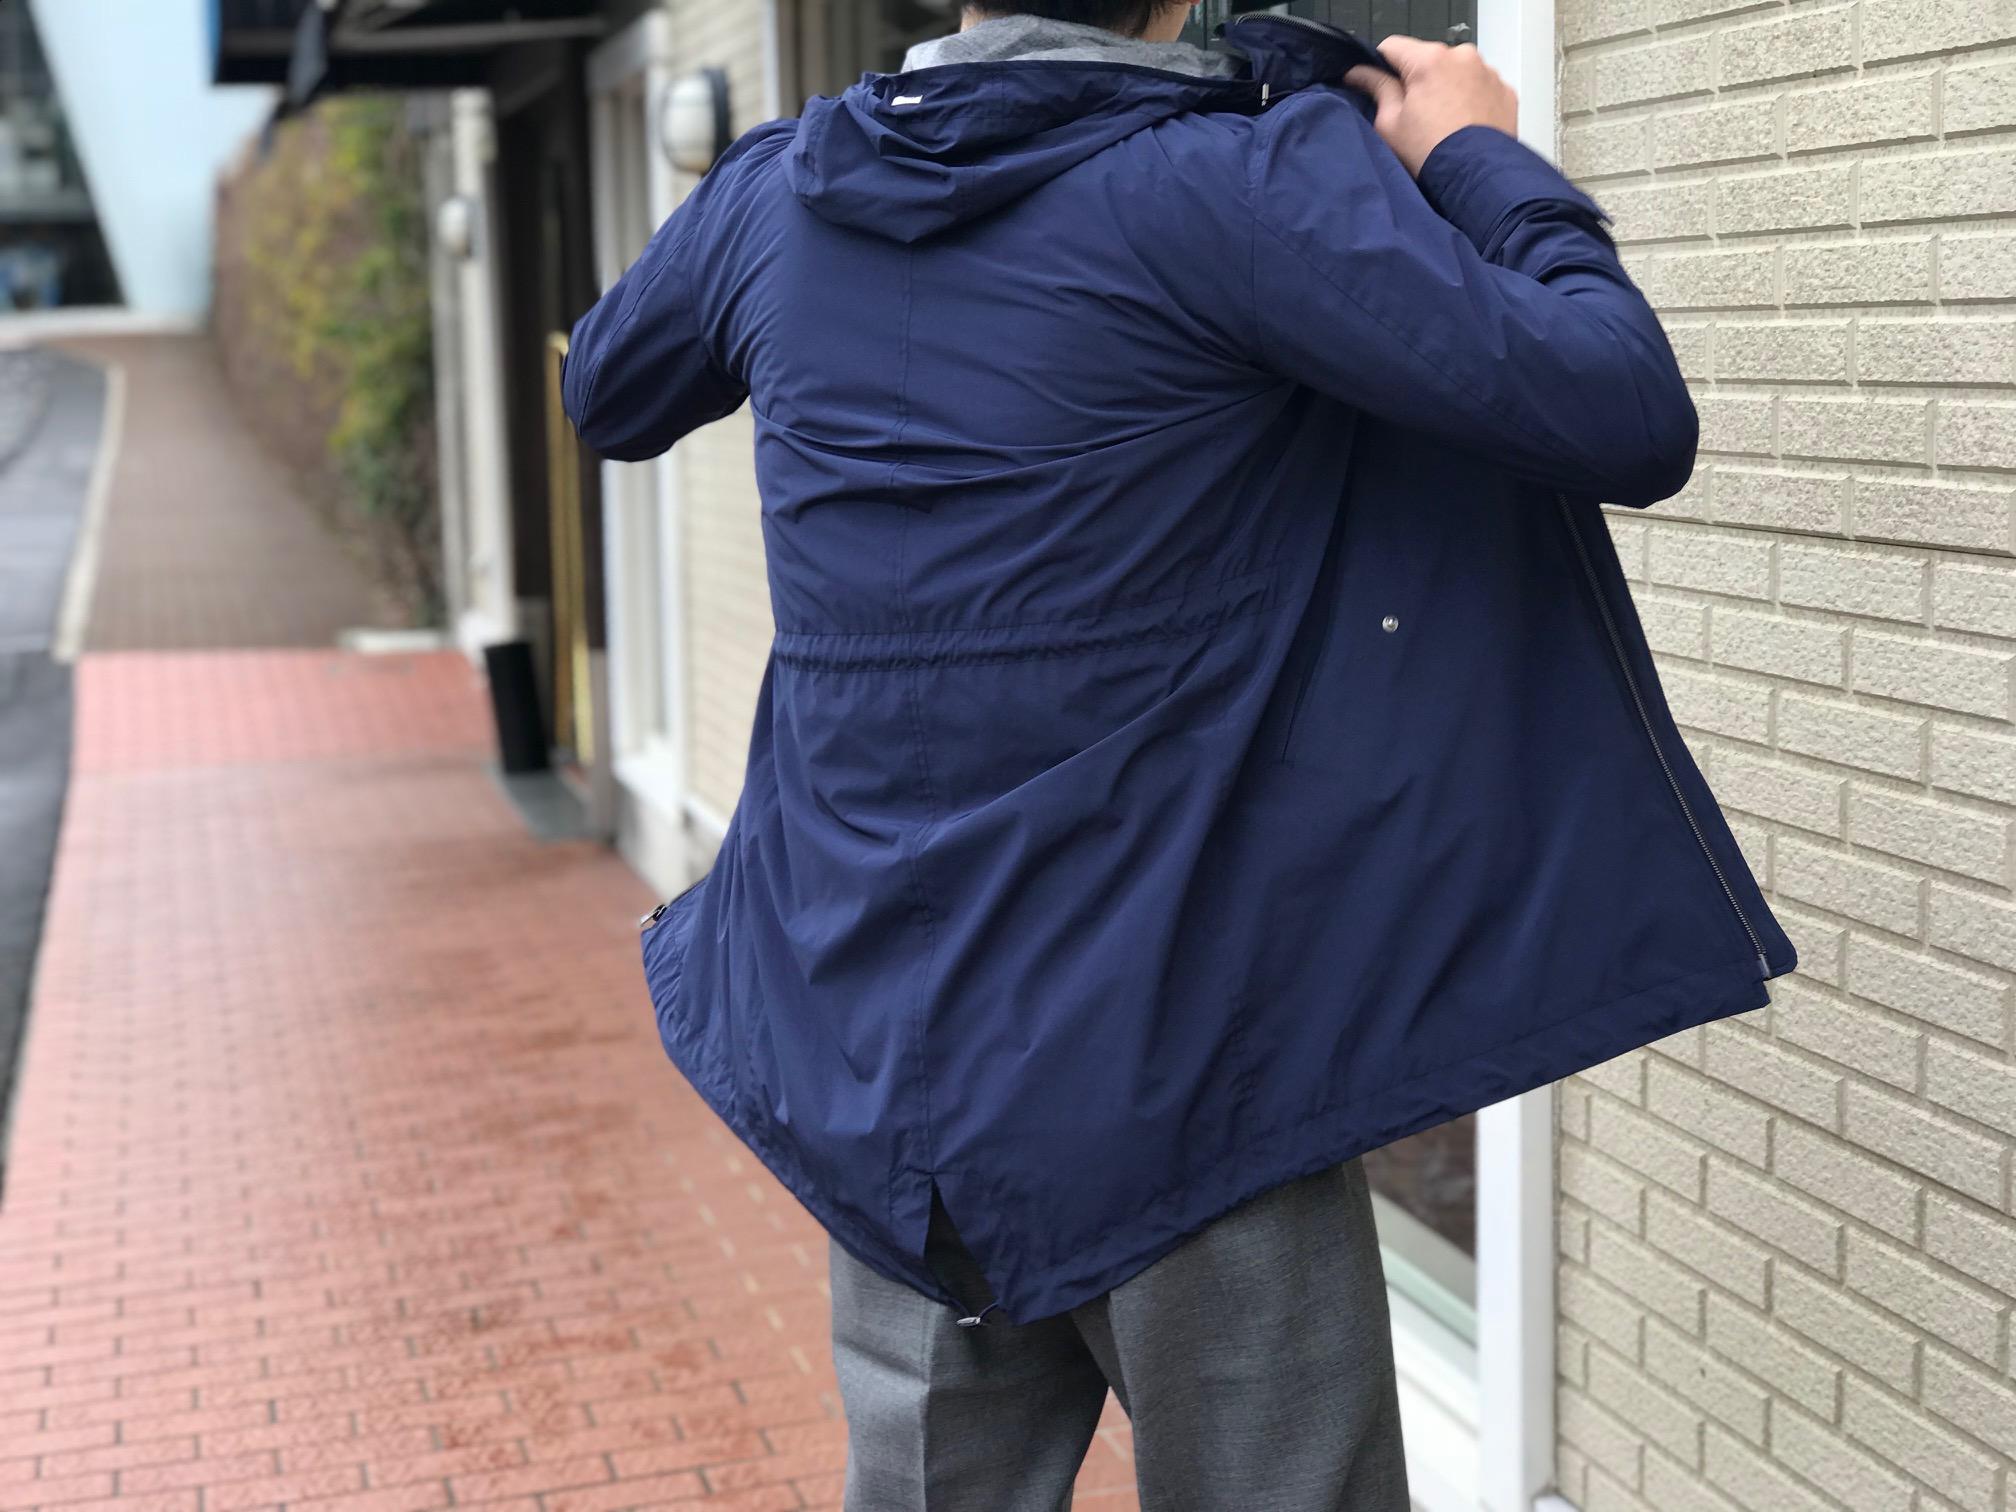 春の羽織りは軽めのナイロンブルゾン③! 【HERNO】ナイロン モッズコート!!